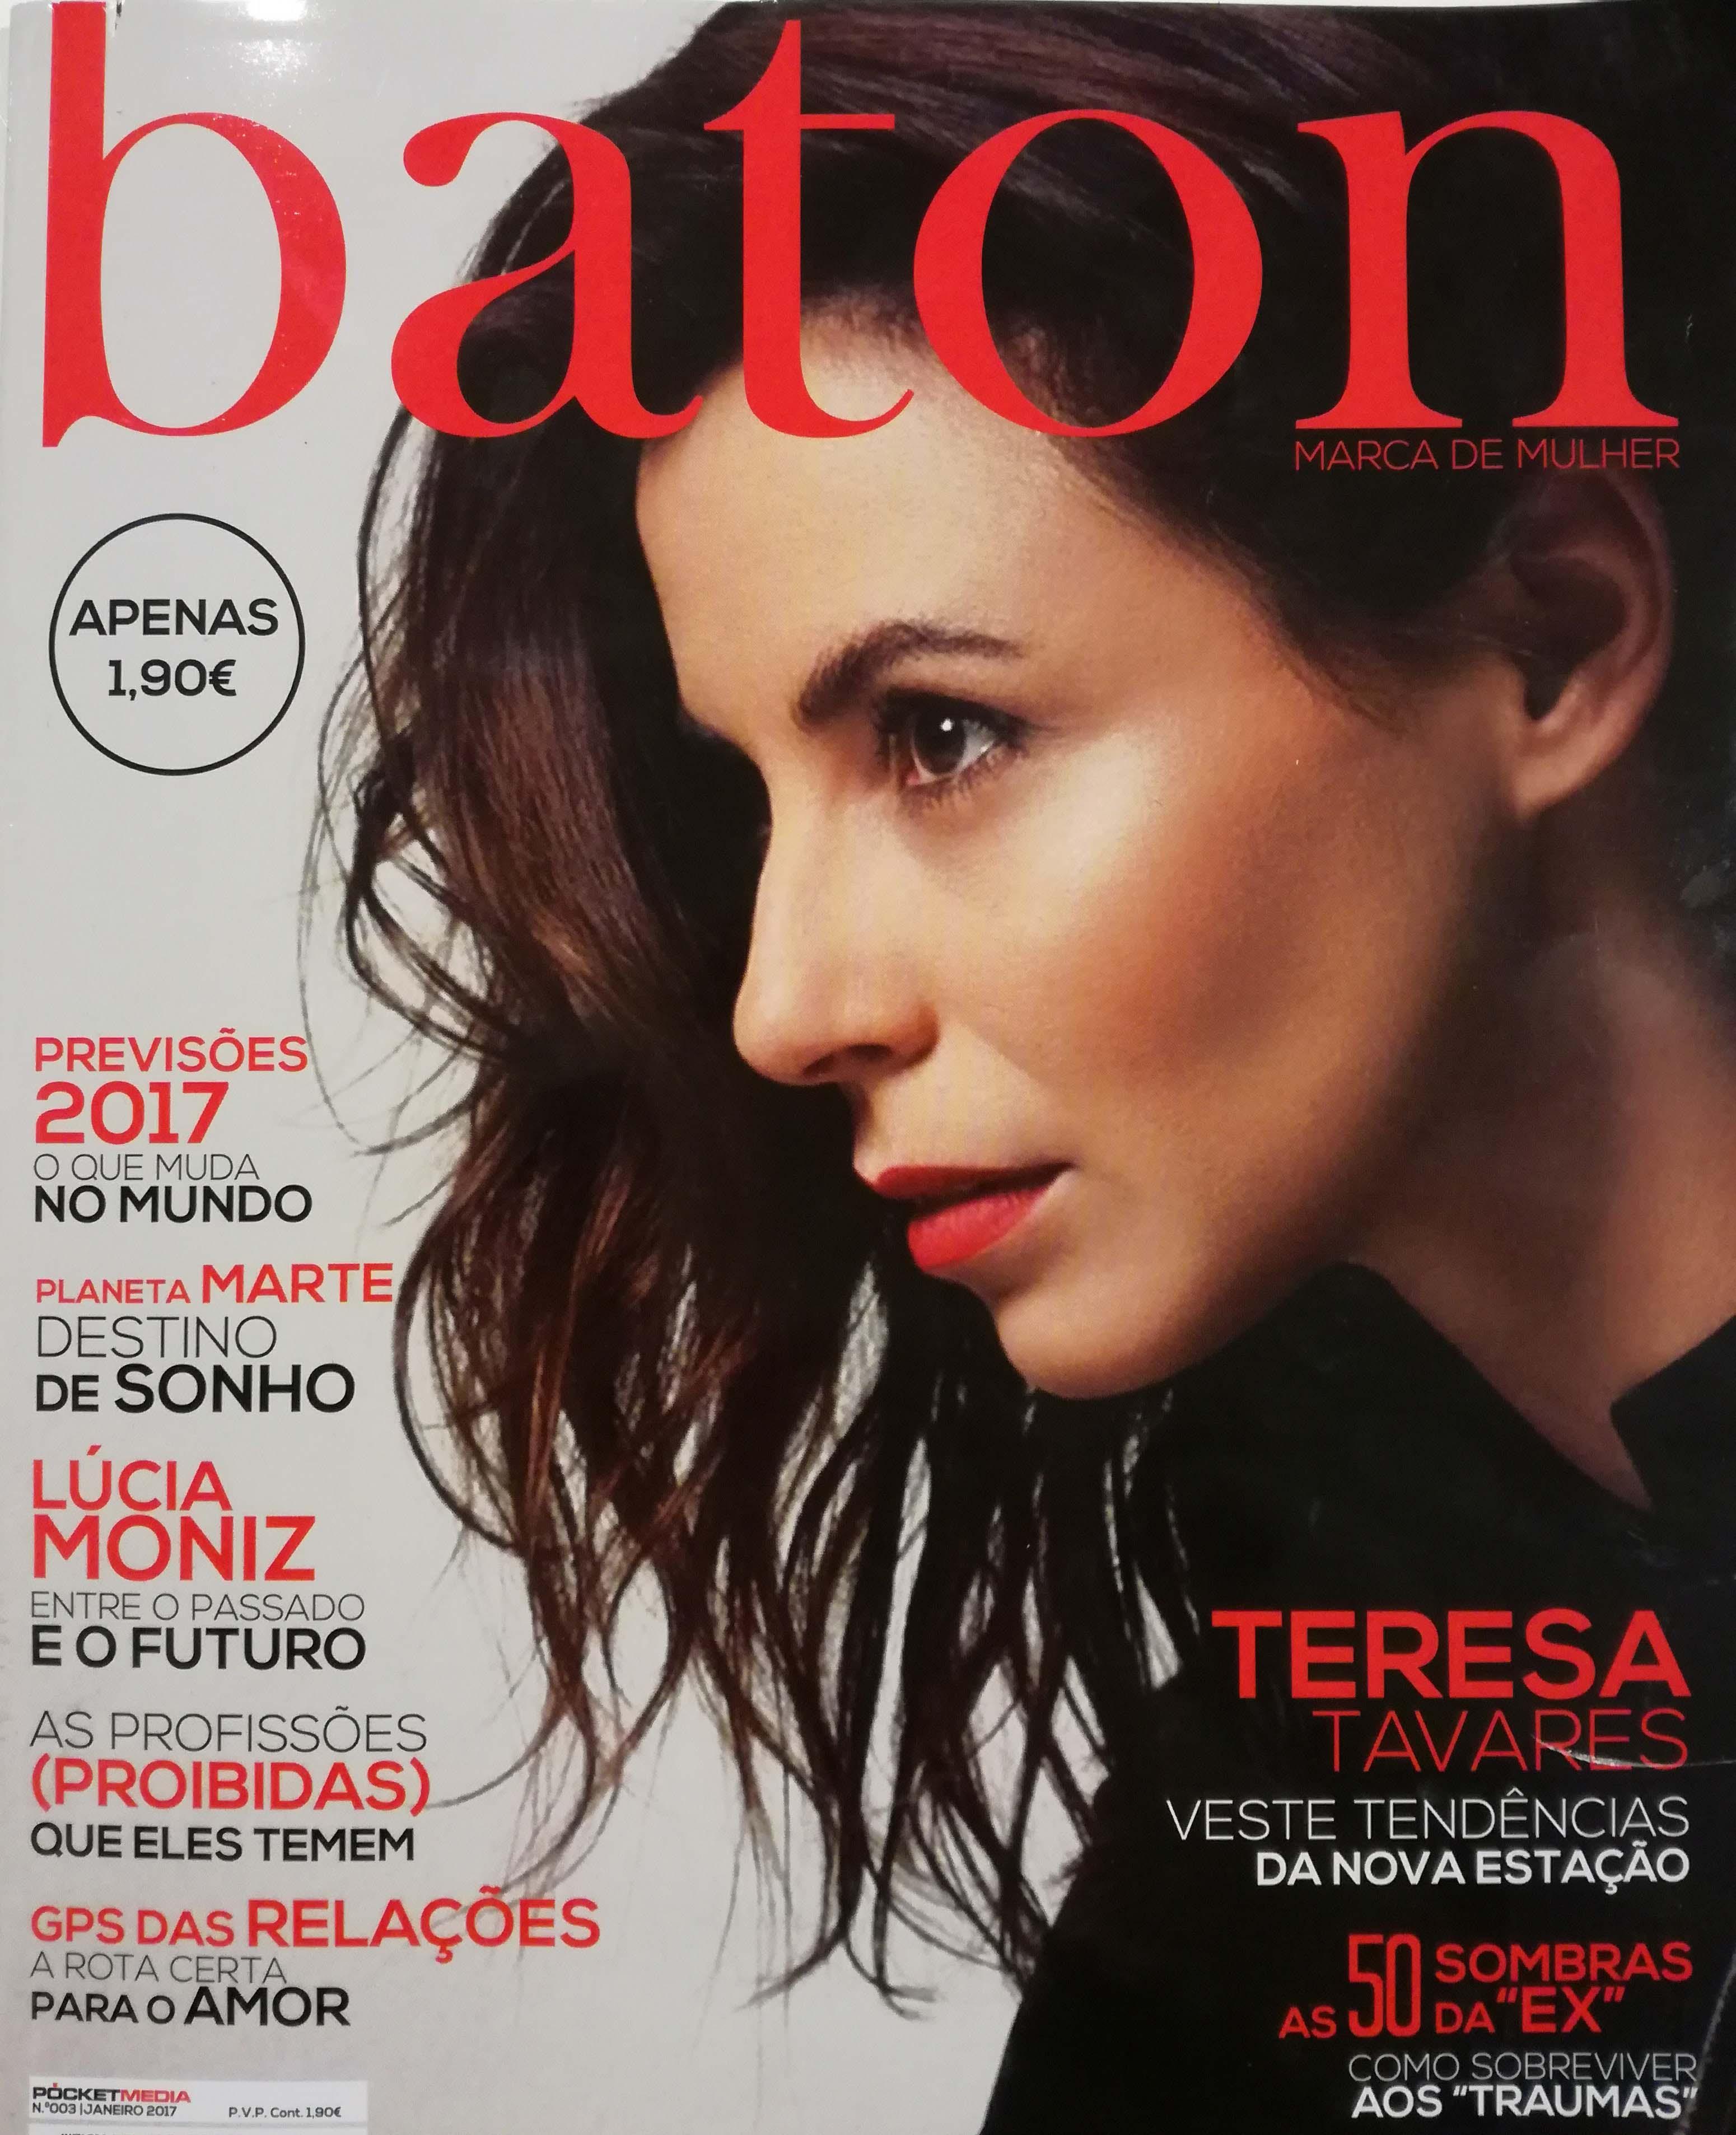 Revista Baton